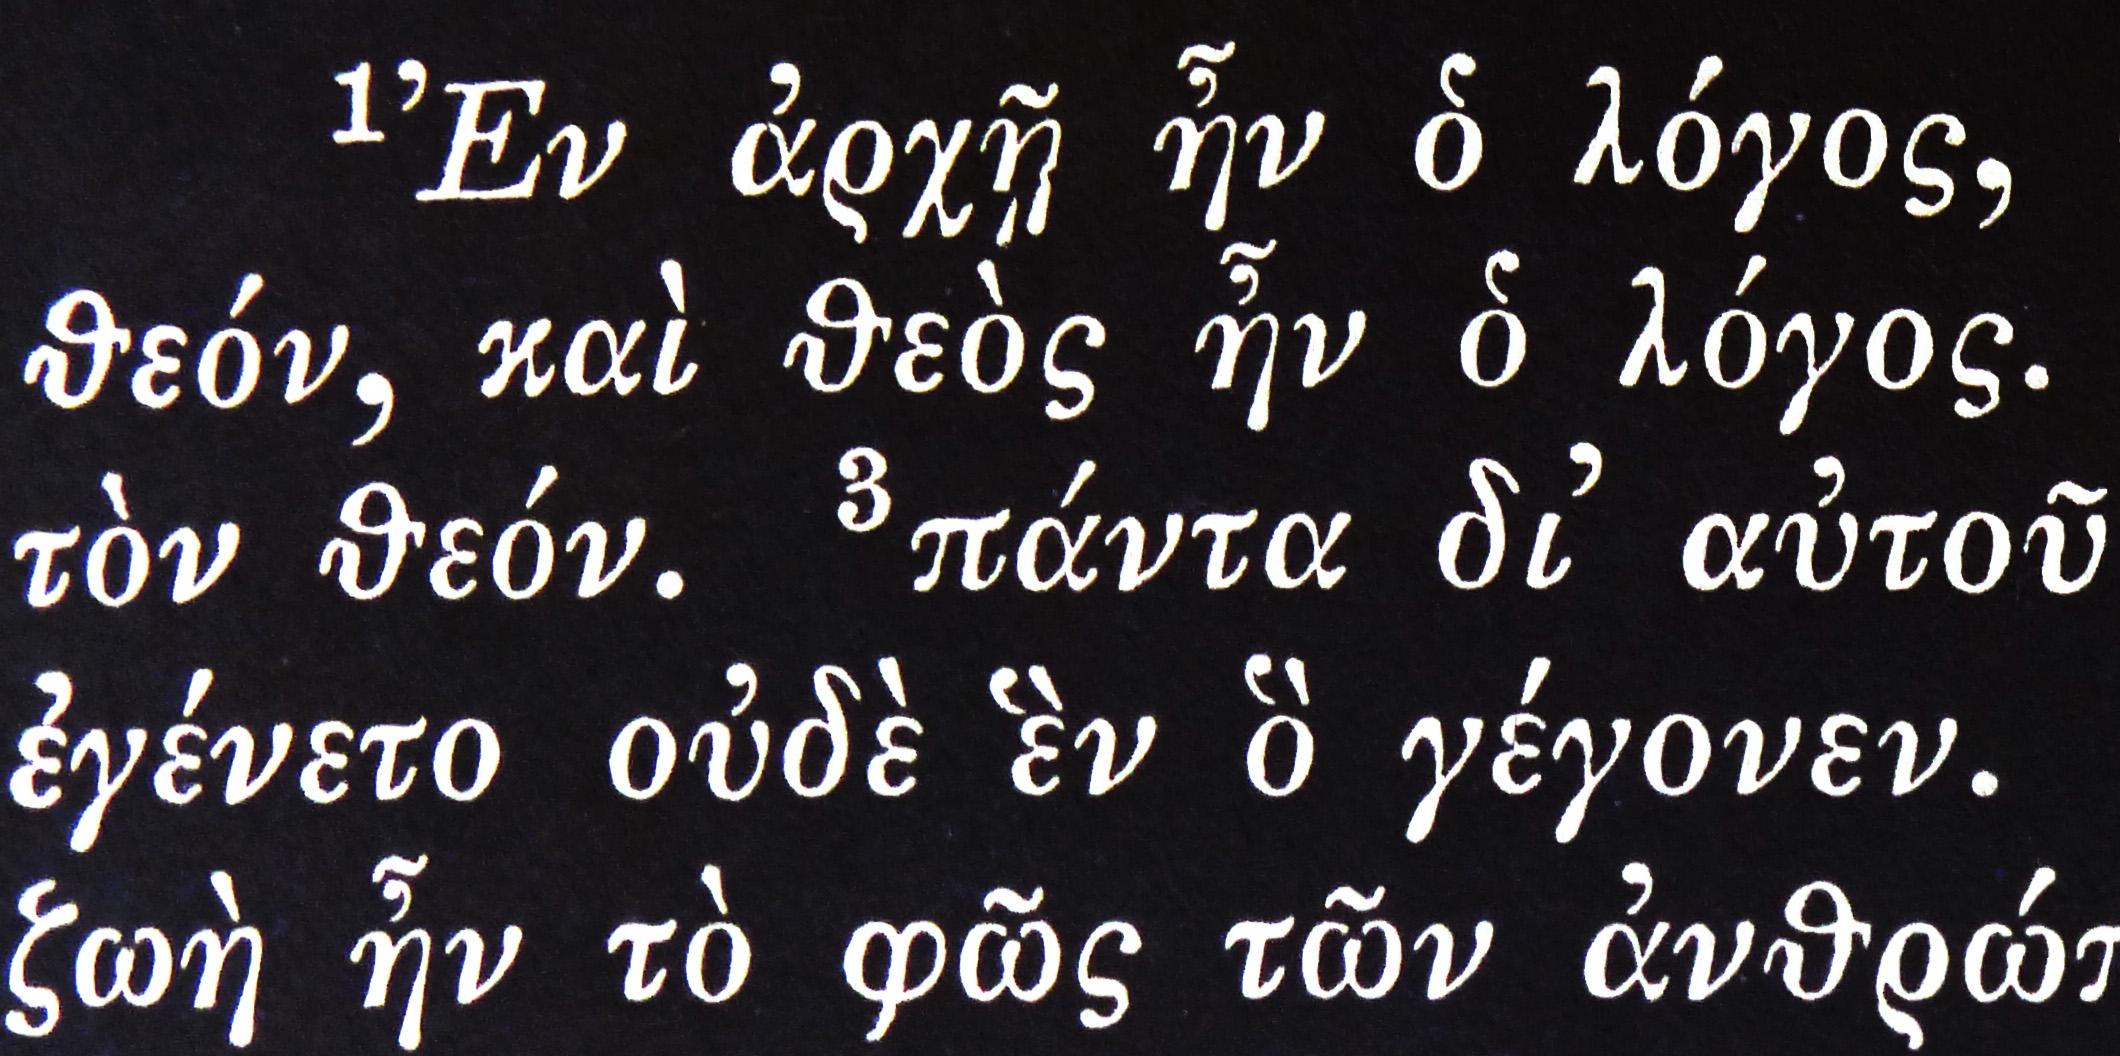 Die ersten Worte des Johannesevangeliums im griechischen Original